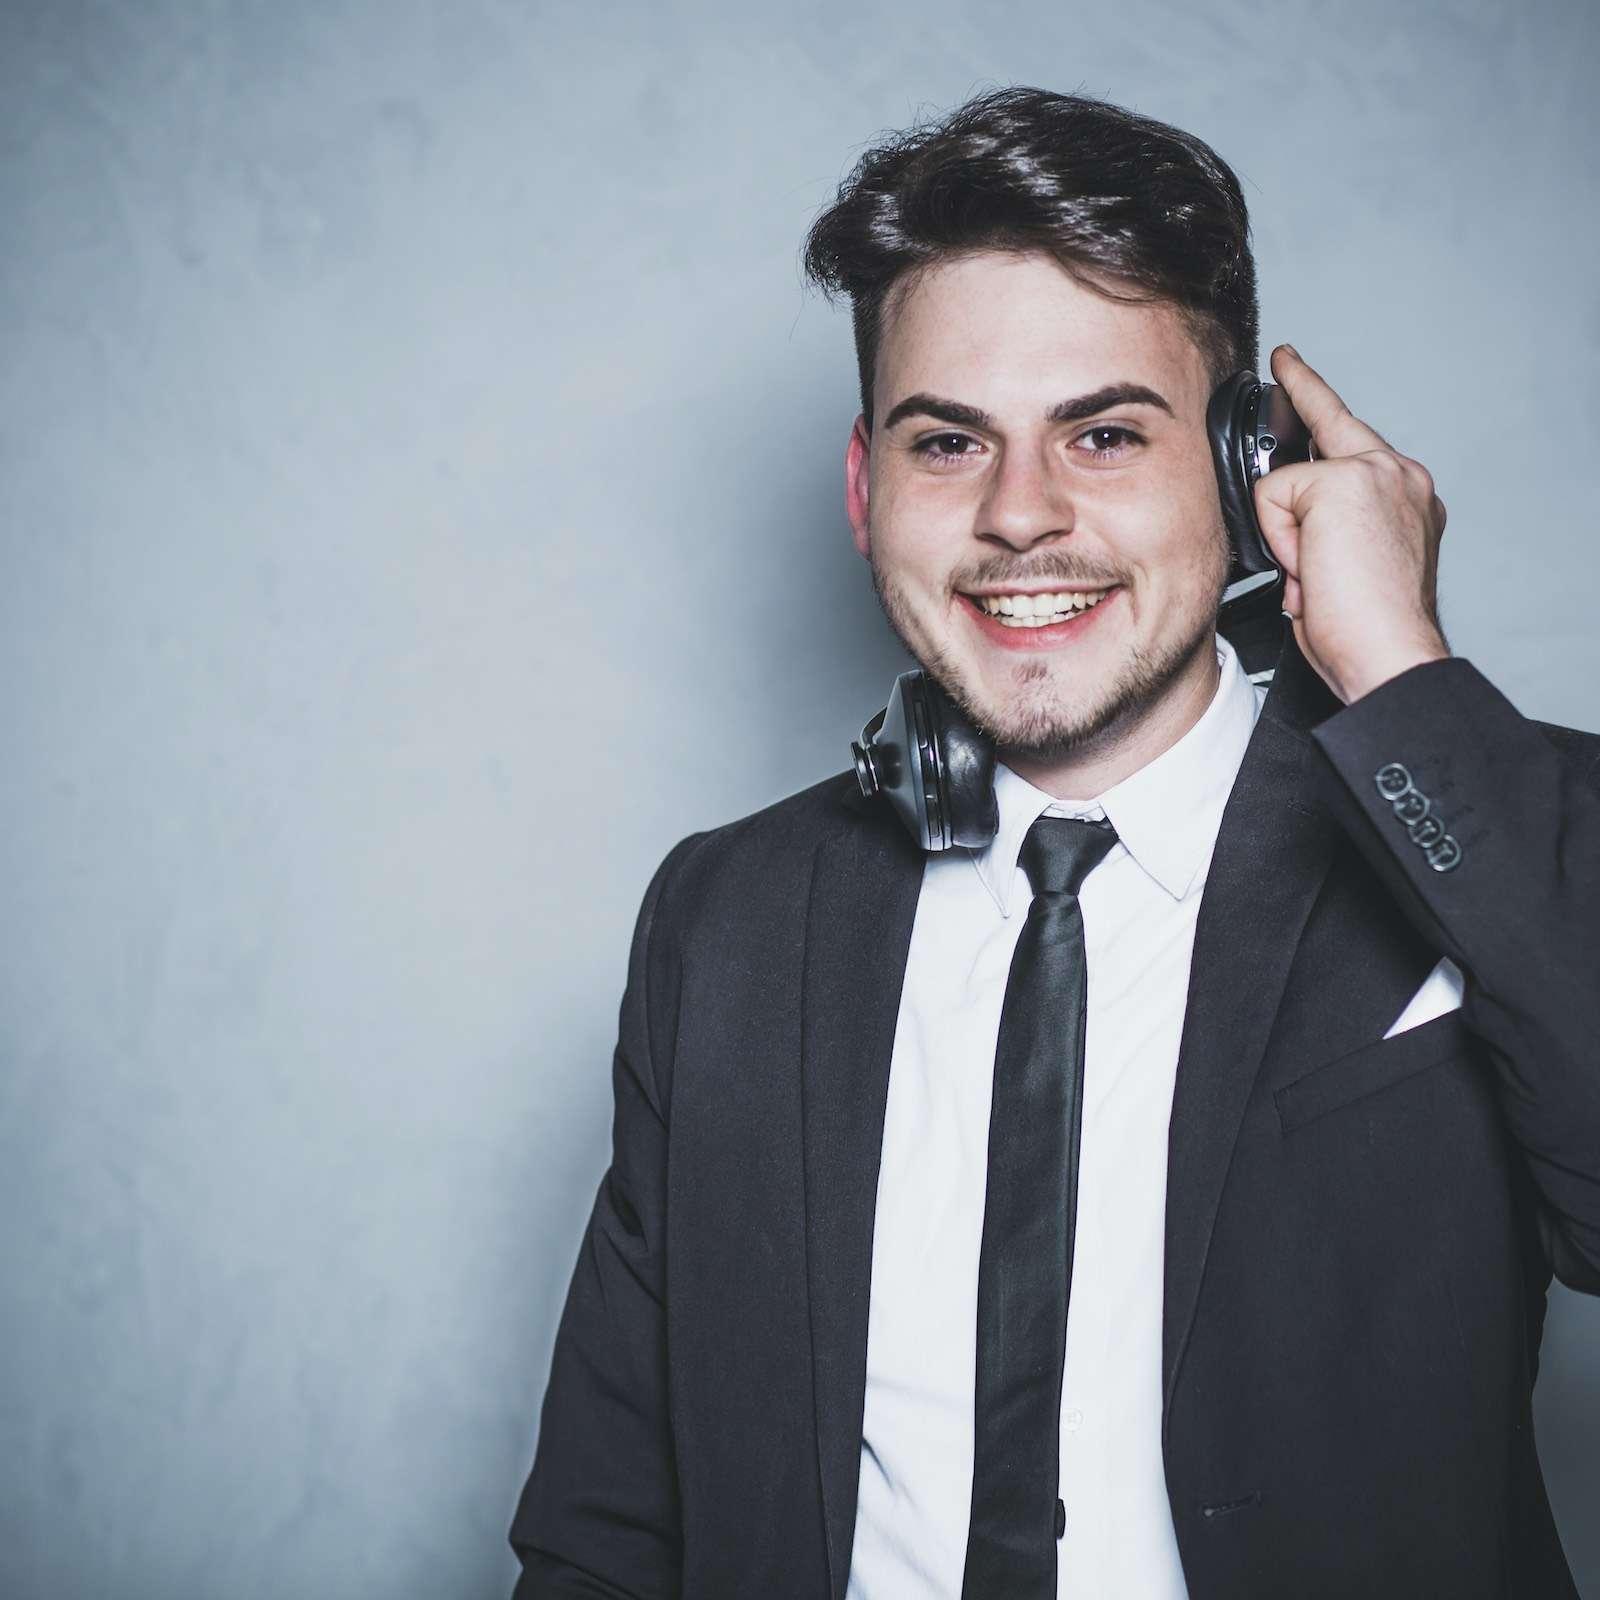 Hochzeits | DJ | Hannover | Discjockey | DJ | Bremen | Hochzeit | Marvin | Feike | Messe | DJ | Event | DJ | Geburtstag | DJ | Mieten | Anfragen | DJ | Agentur | Lehmann | Eventservice